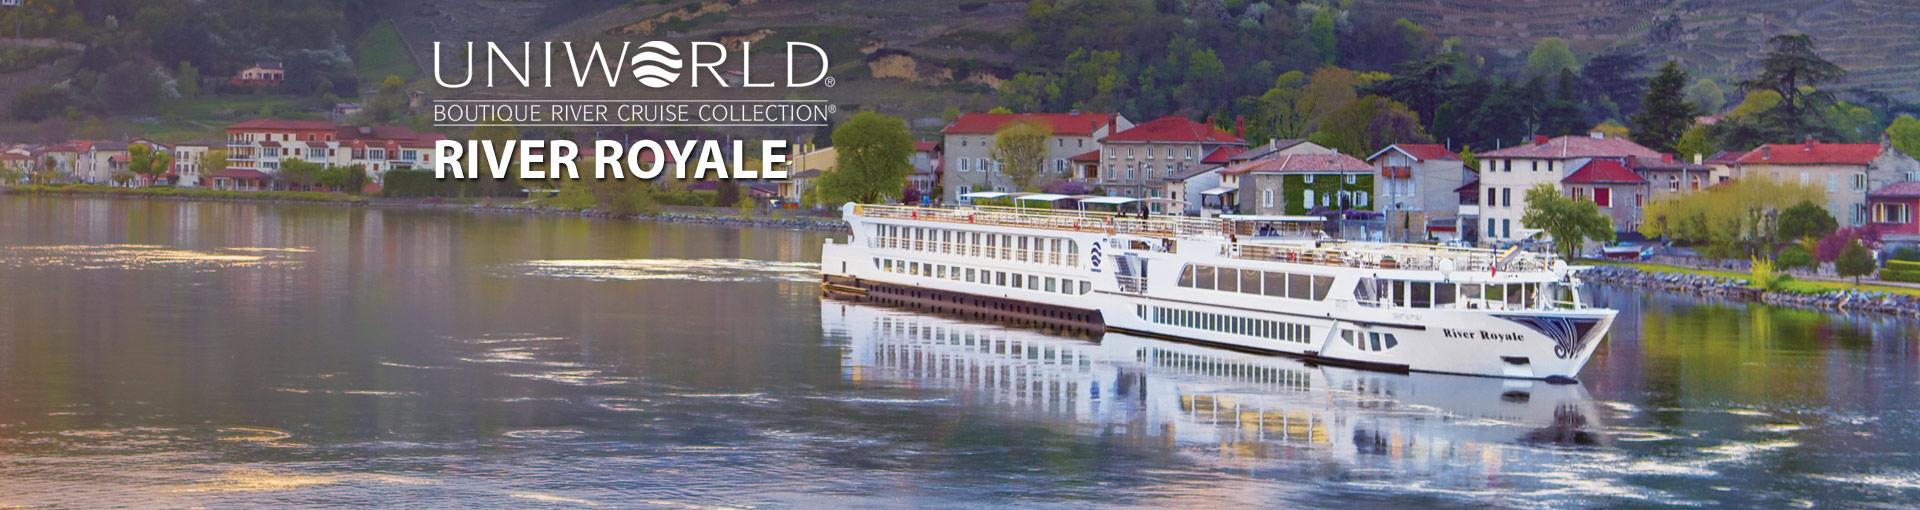 Uniworld River Cruises River Royale river ship